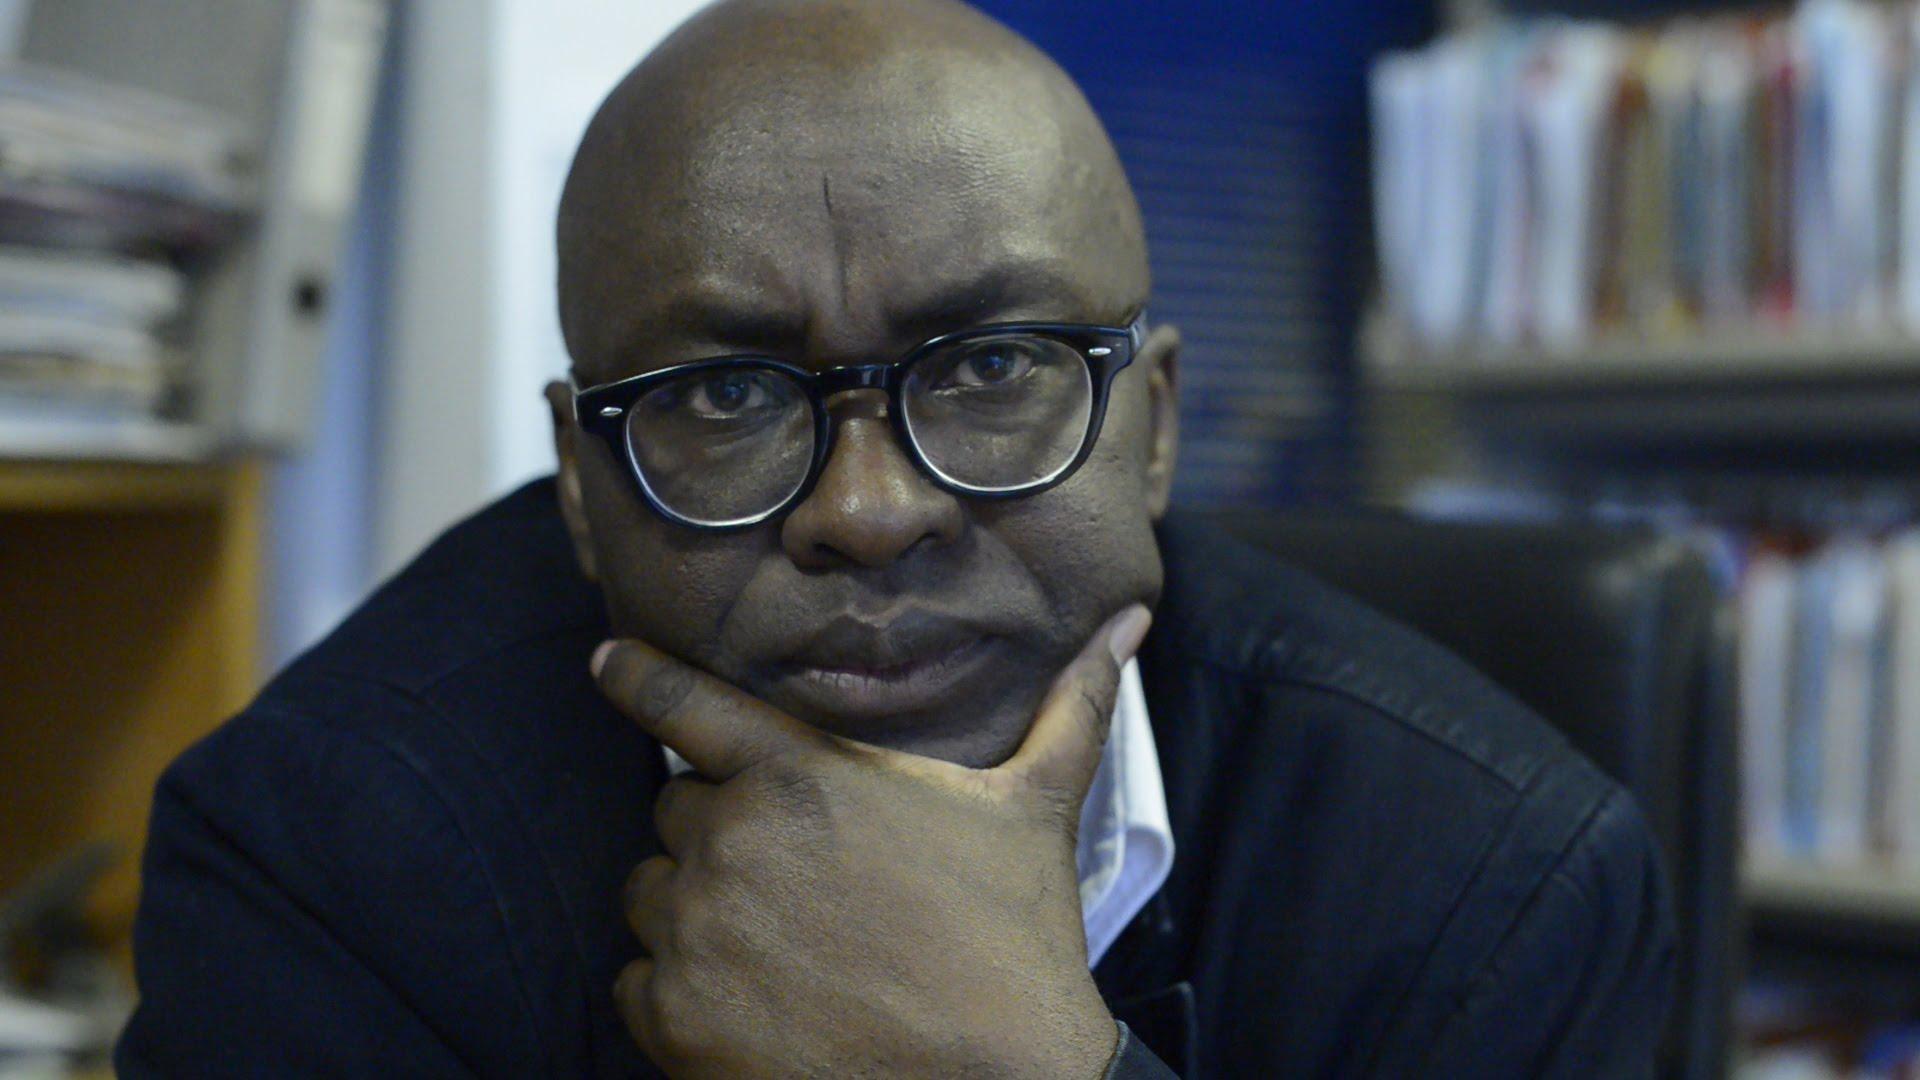 À Abidjan, l'historien Achille Mbembe livre un vibrant plaidoyer pour l'intégration régionale en Afrique